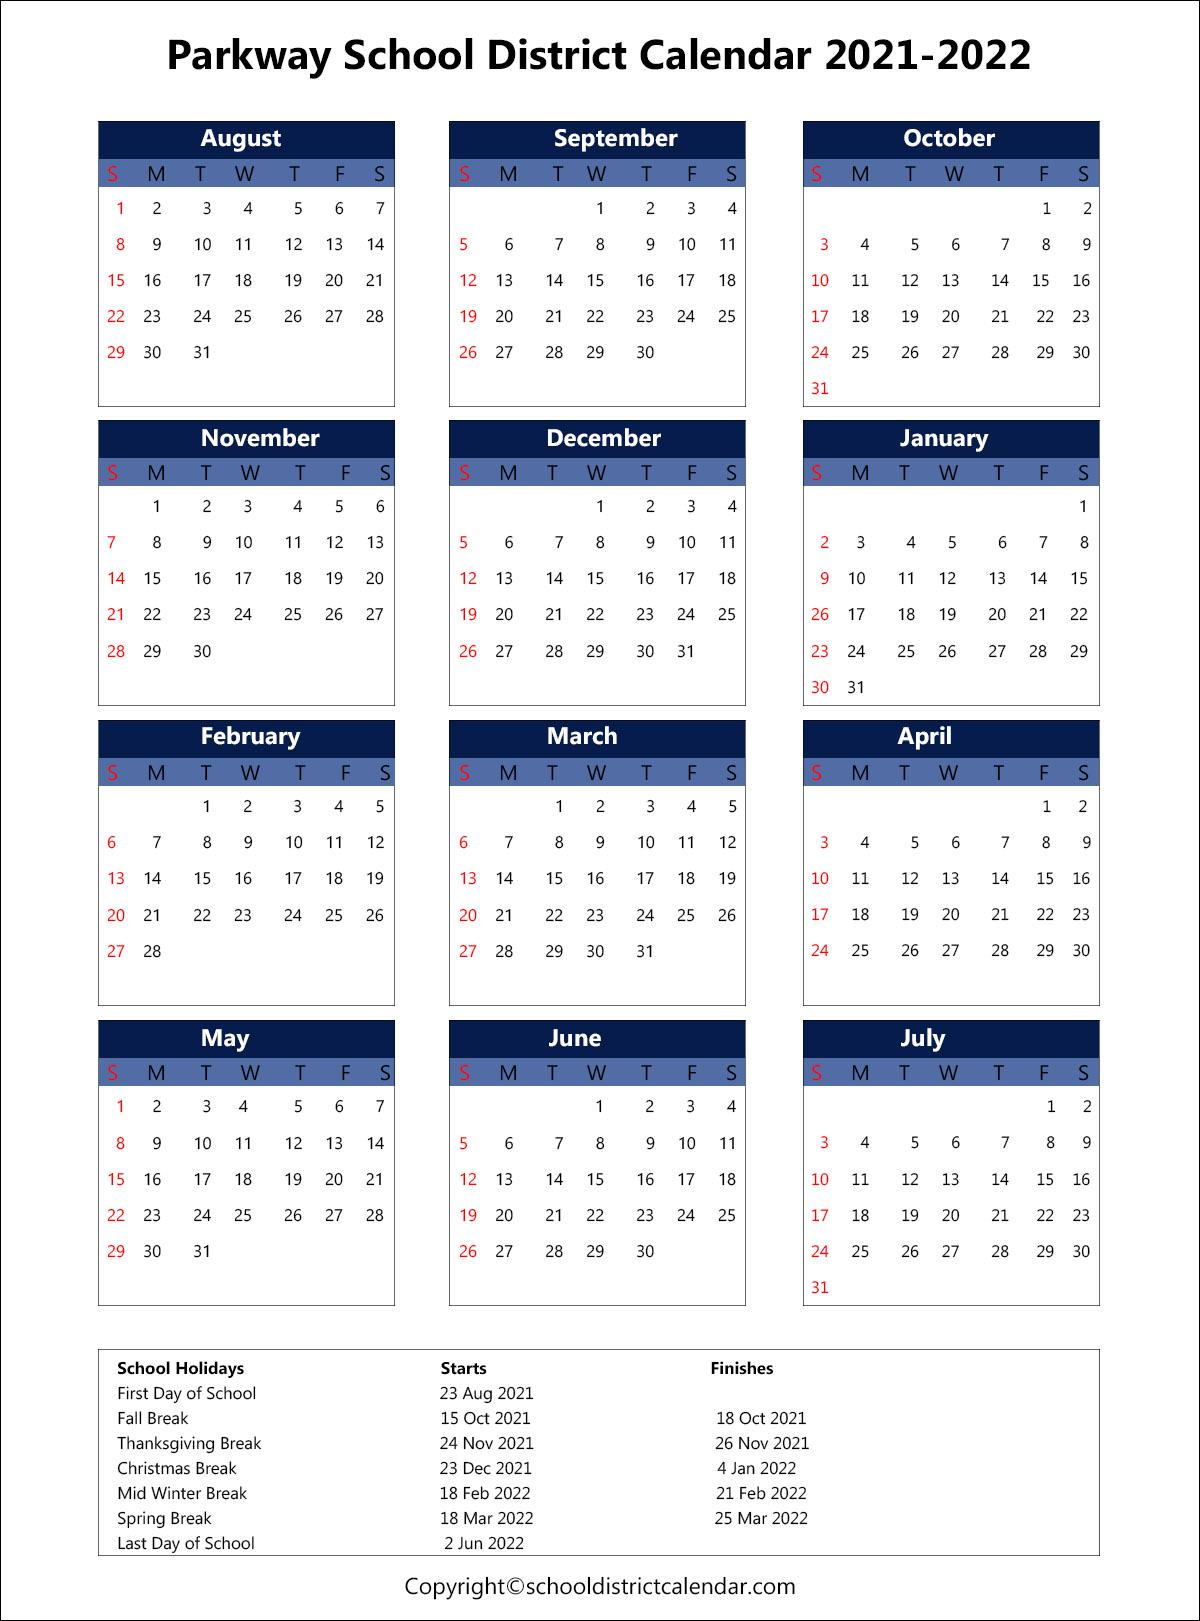 Parkway School District Calendar 2021